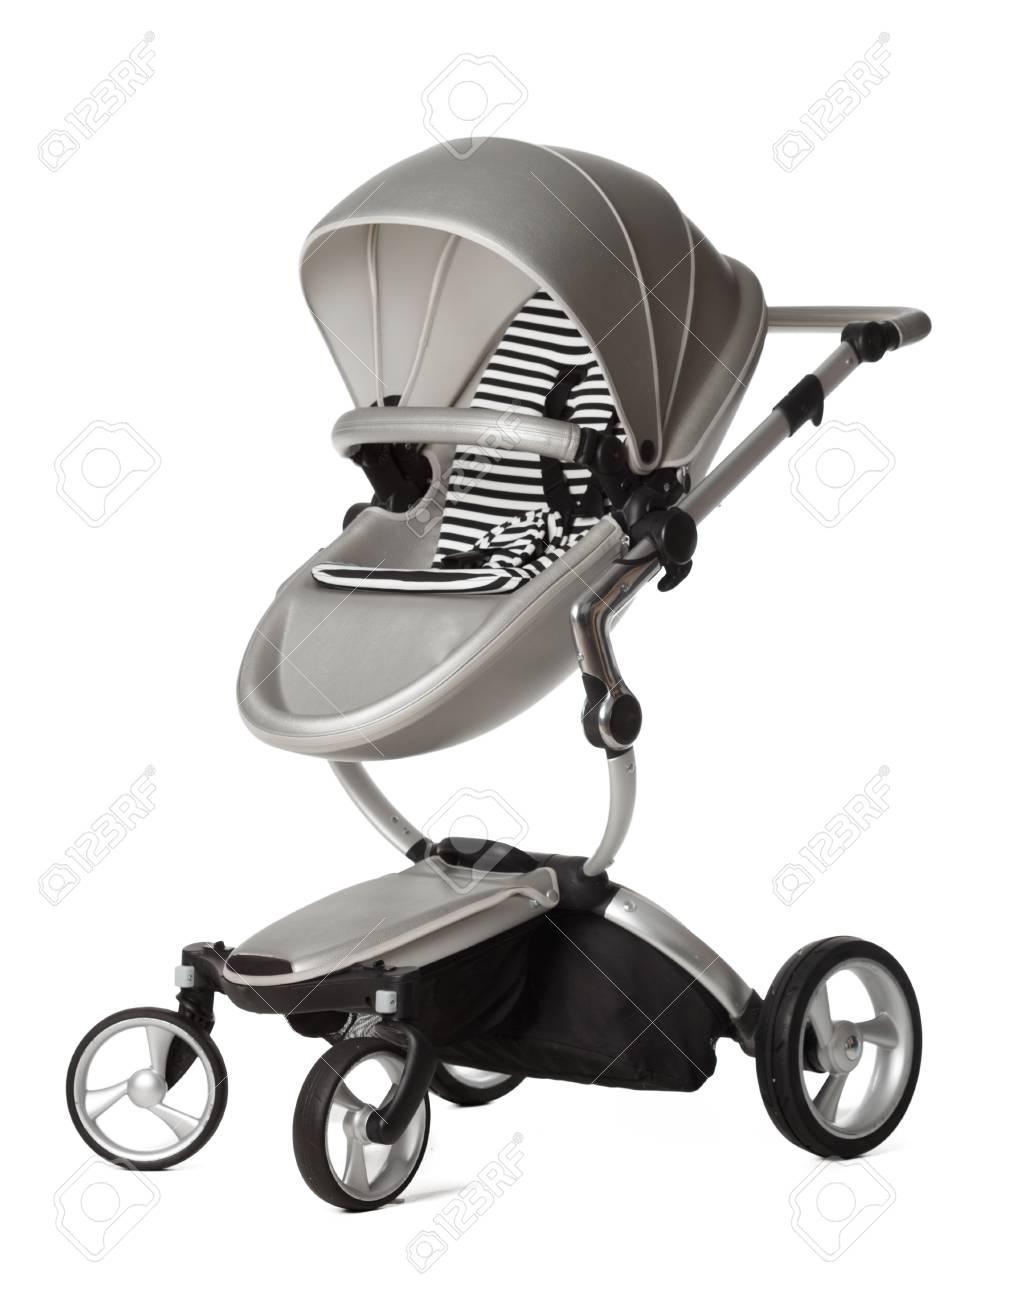 Carro de bebé aislado en un fondo blanco